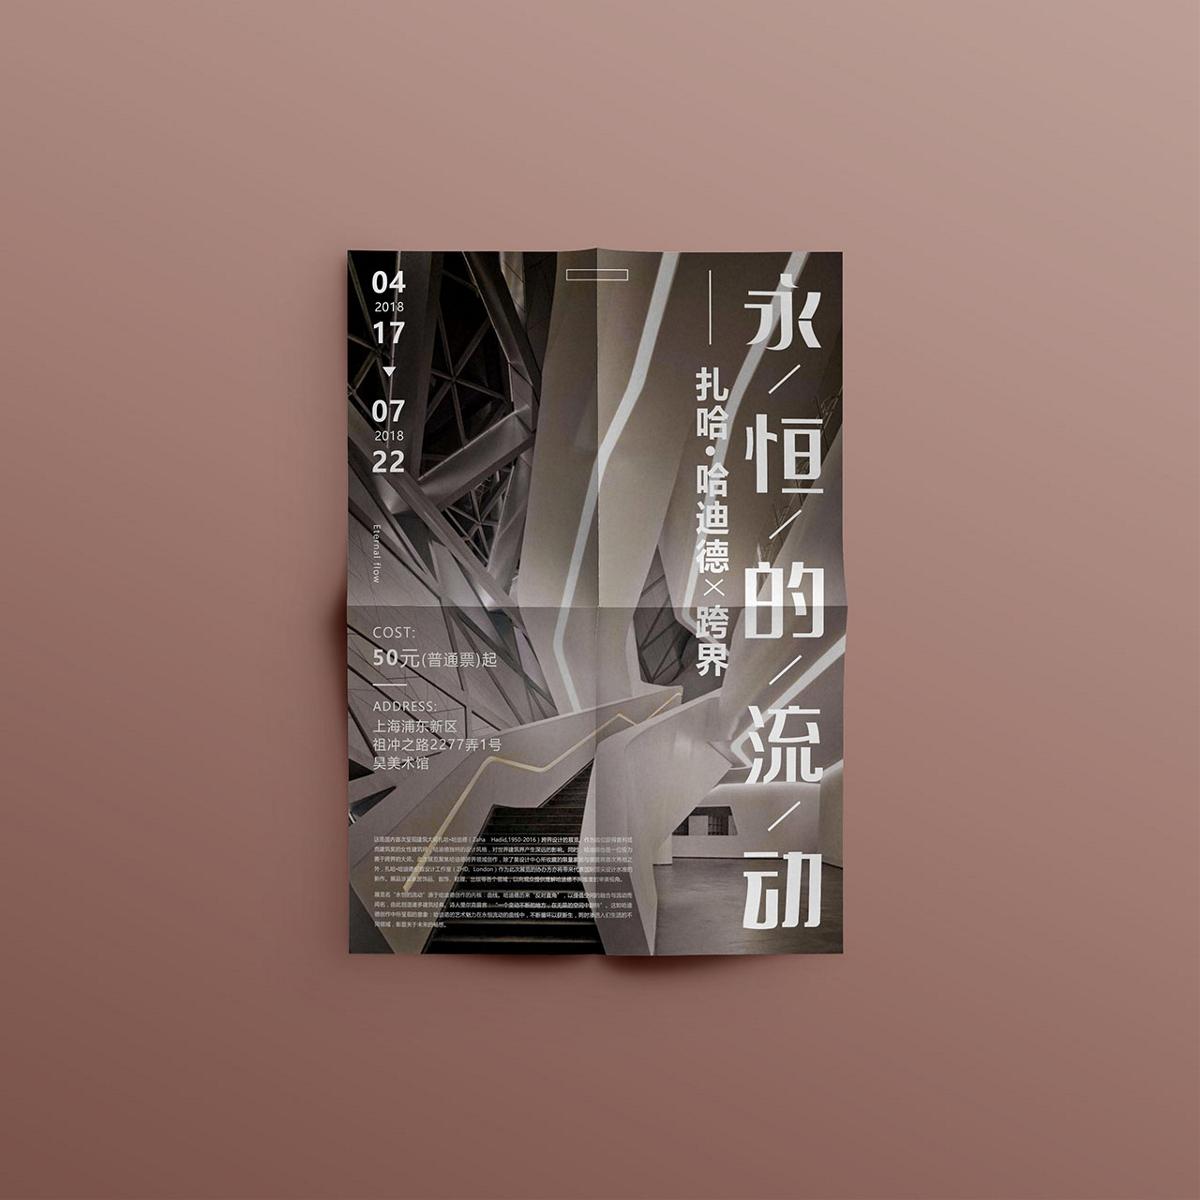 2018年海报设计小结